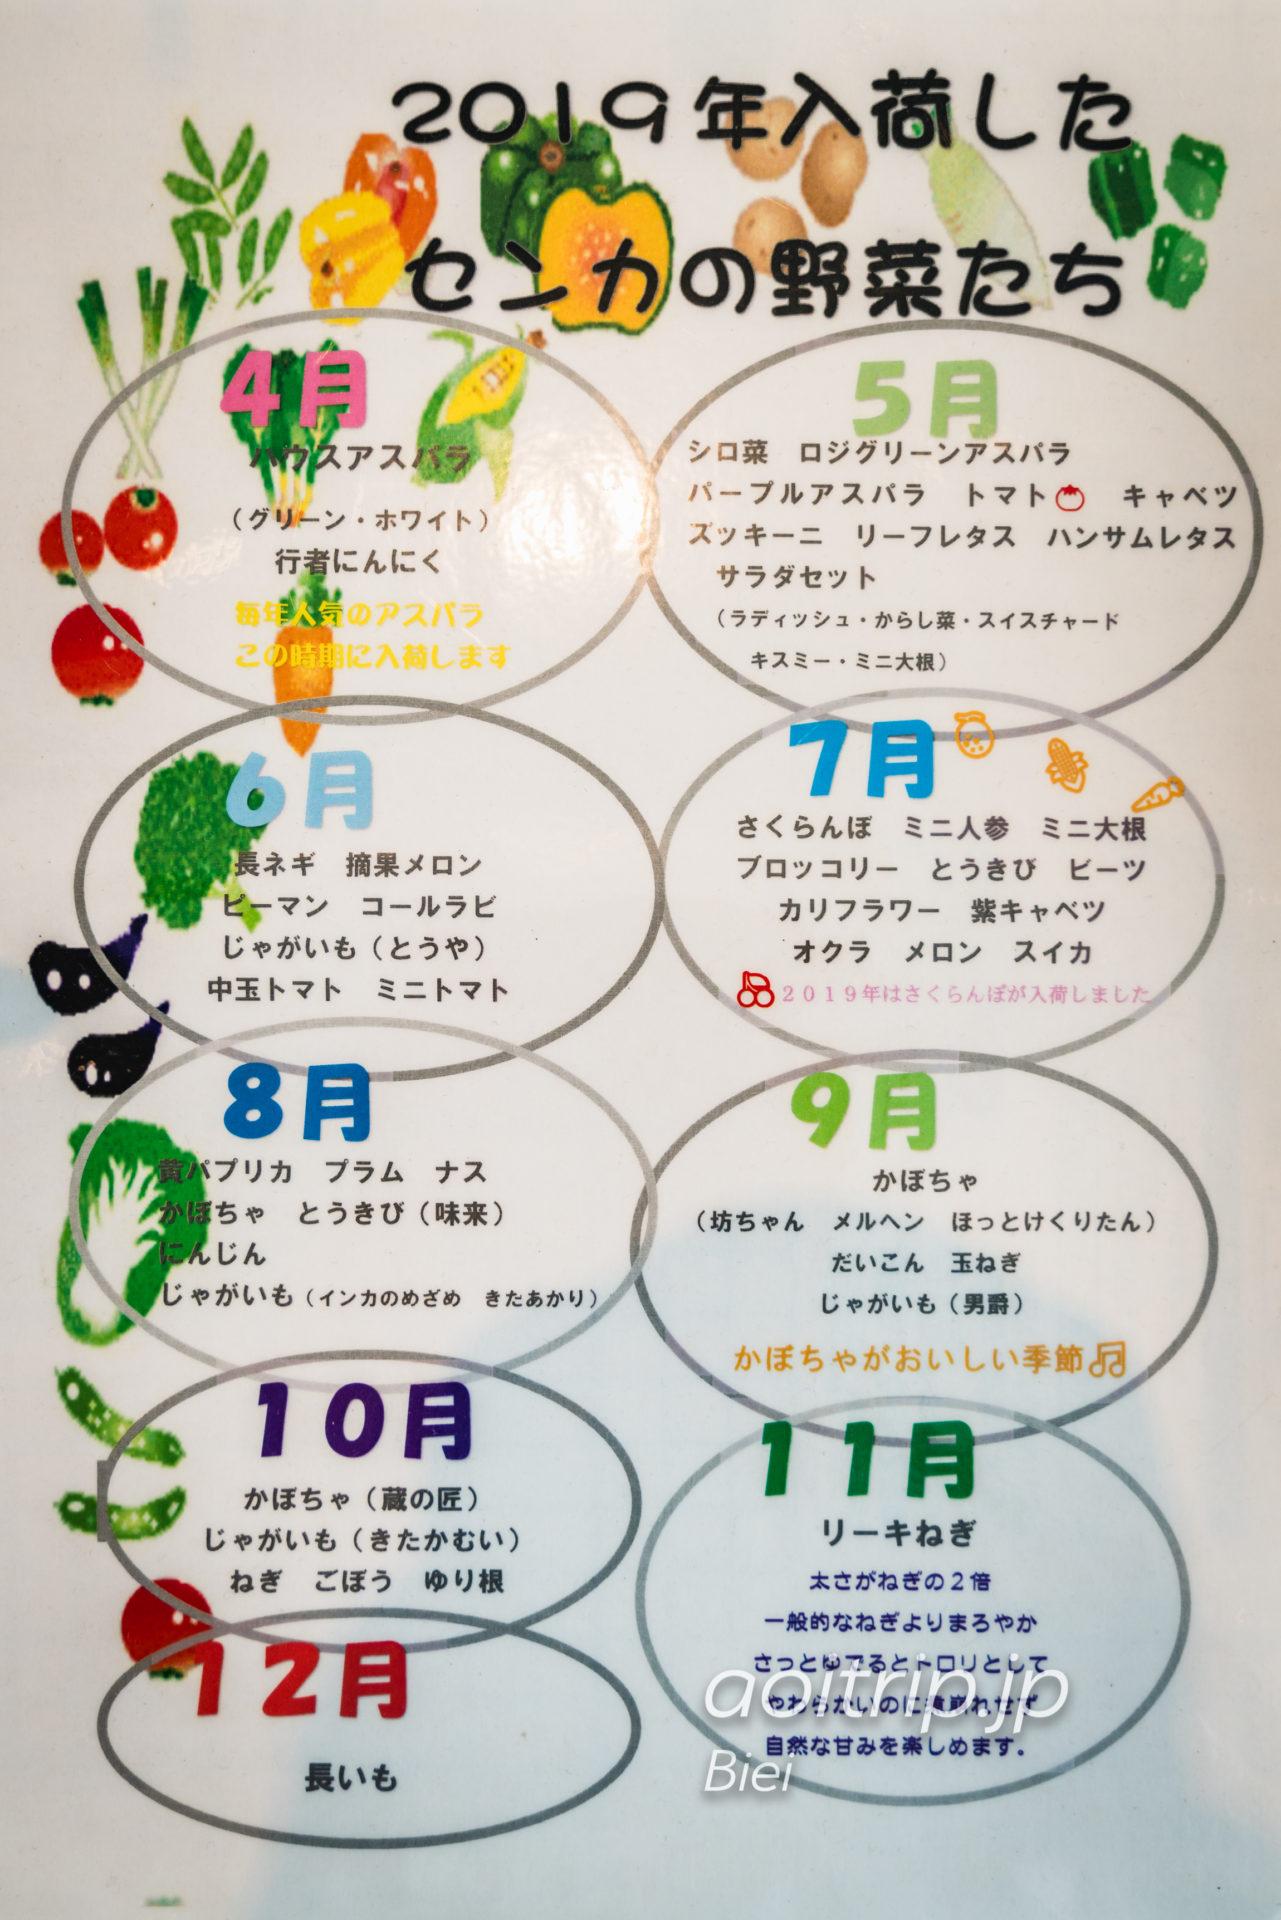 美瑛選果 2019年入荷した野菜